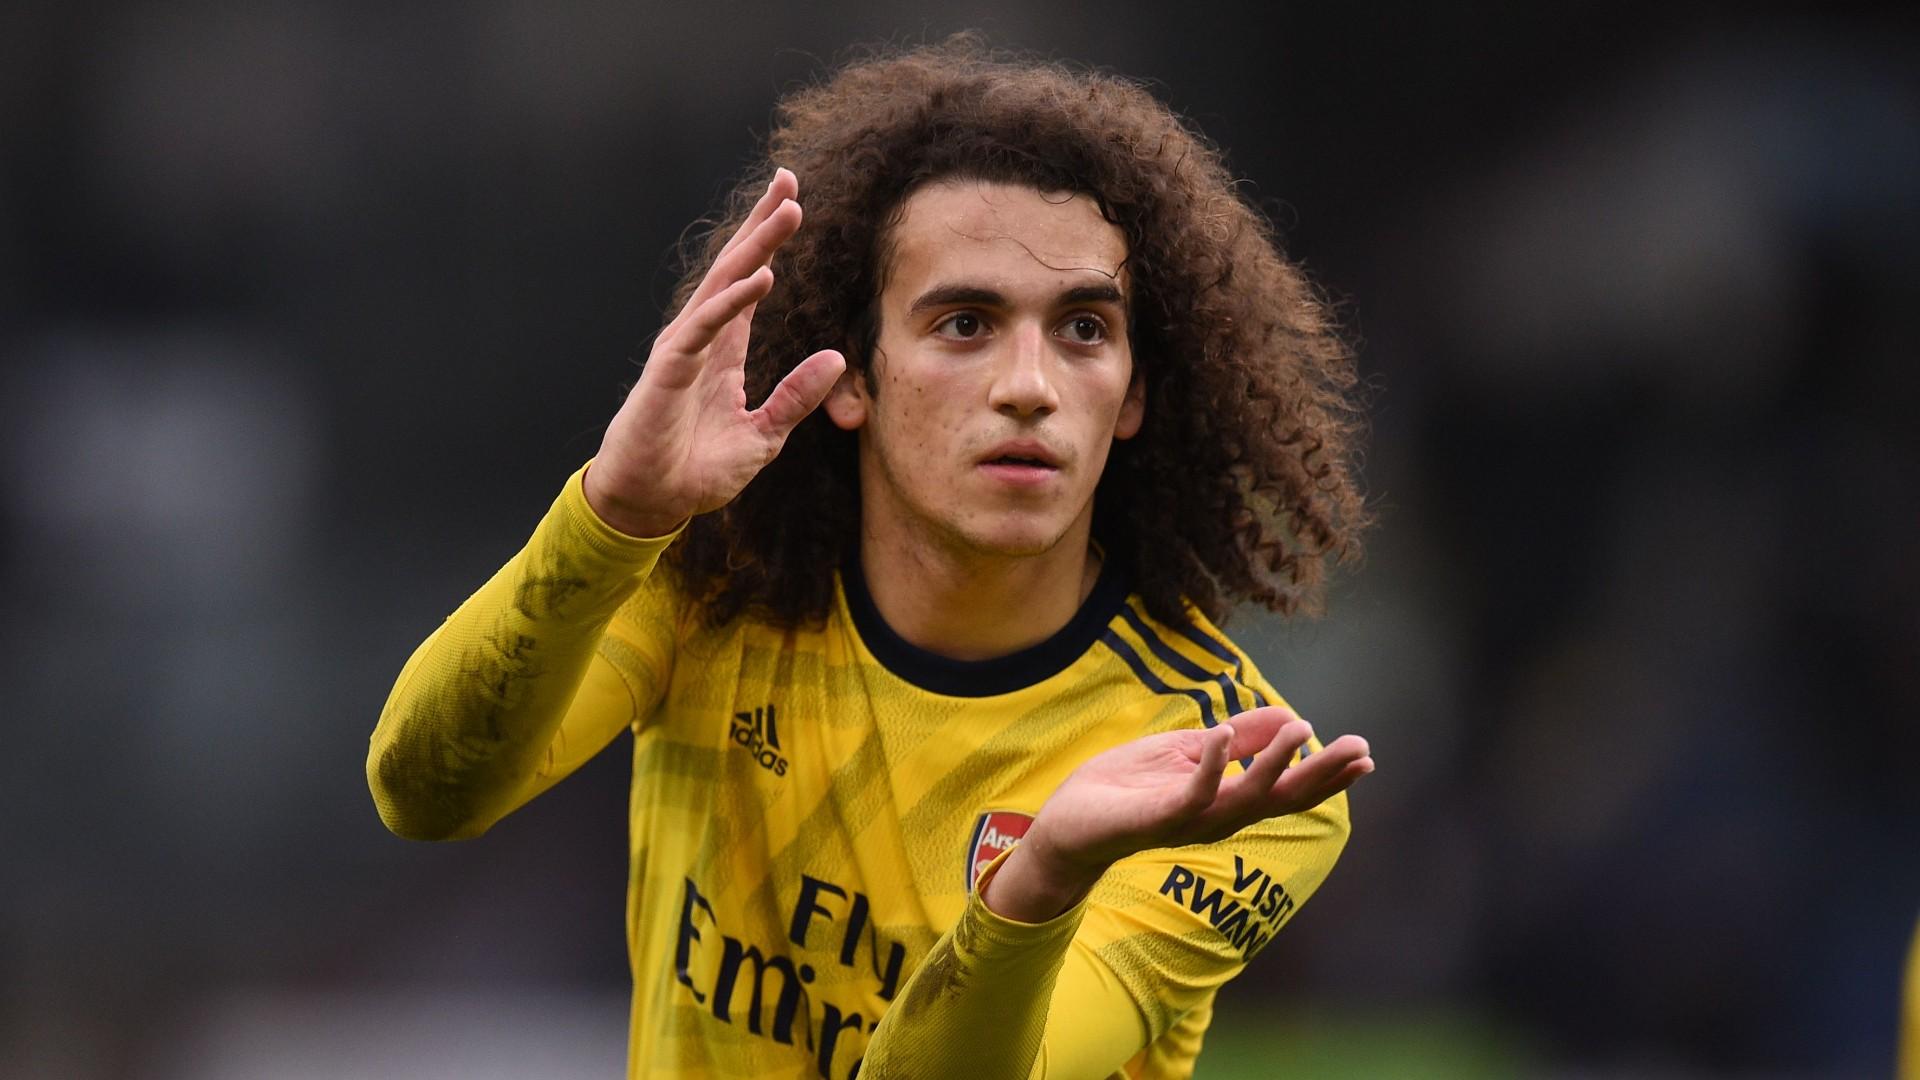 Arsenal midfielder Guendouzi joins Hertha Berlin on season-long loan